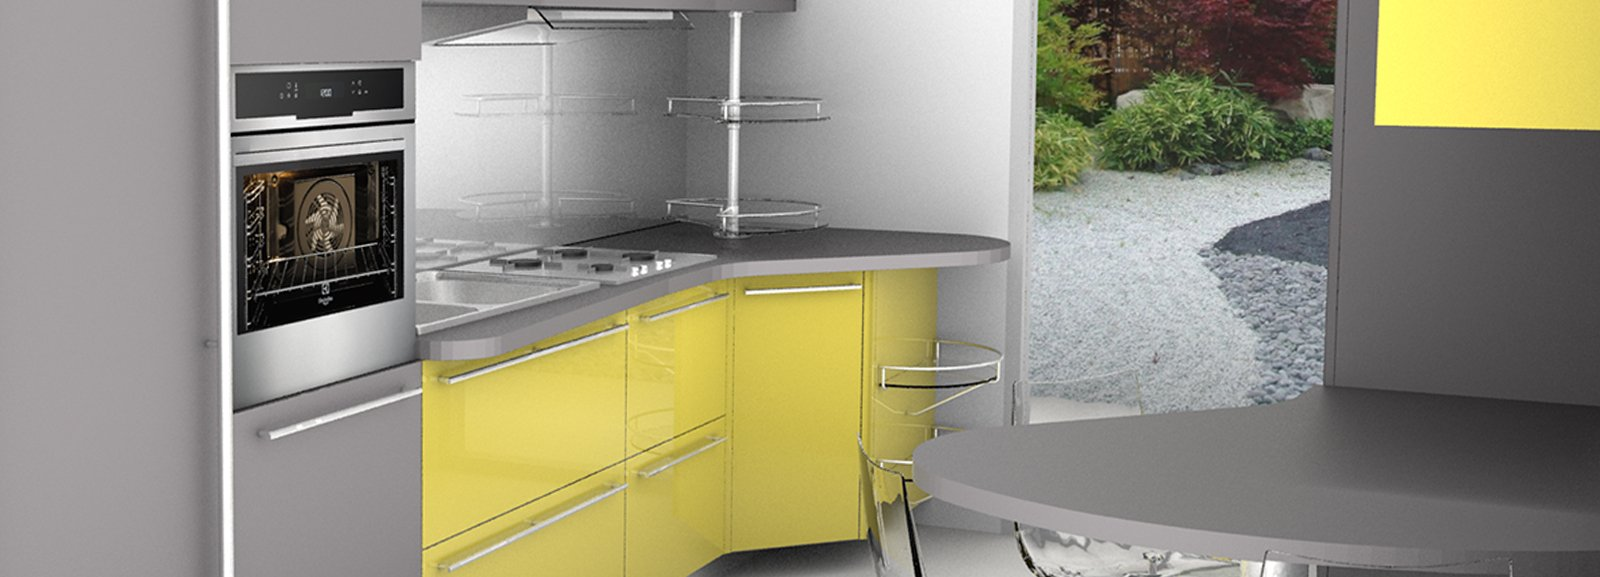 Come progetto la cucina cose di casa - Come rivestire la cucina ...